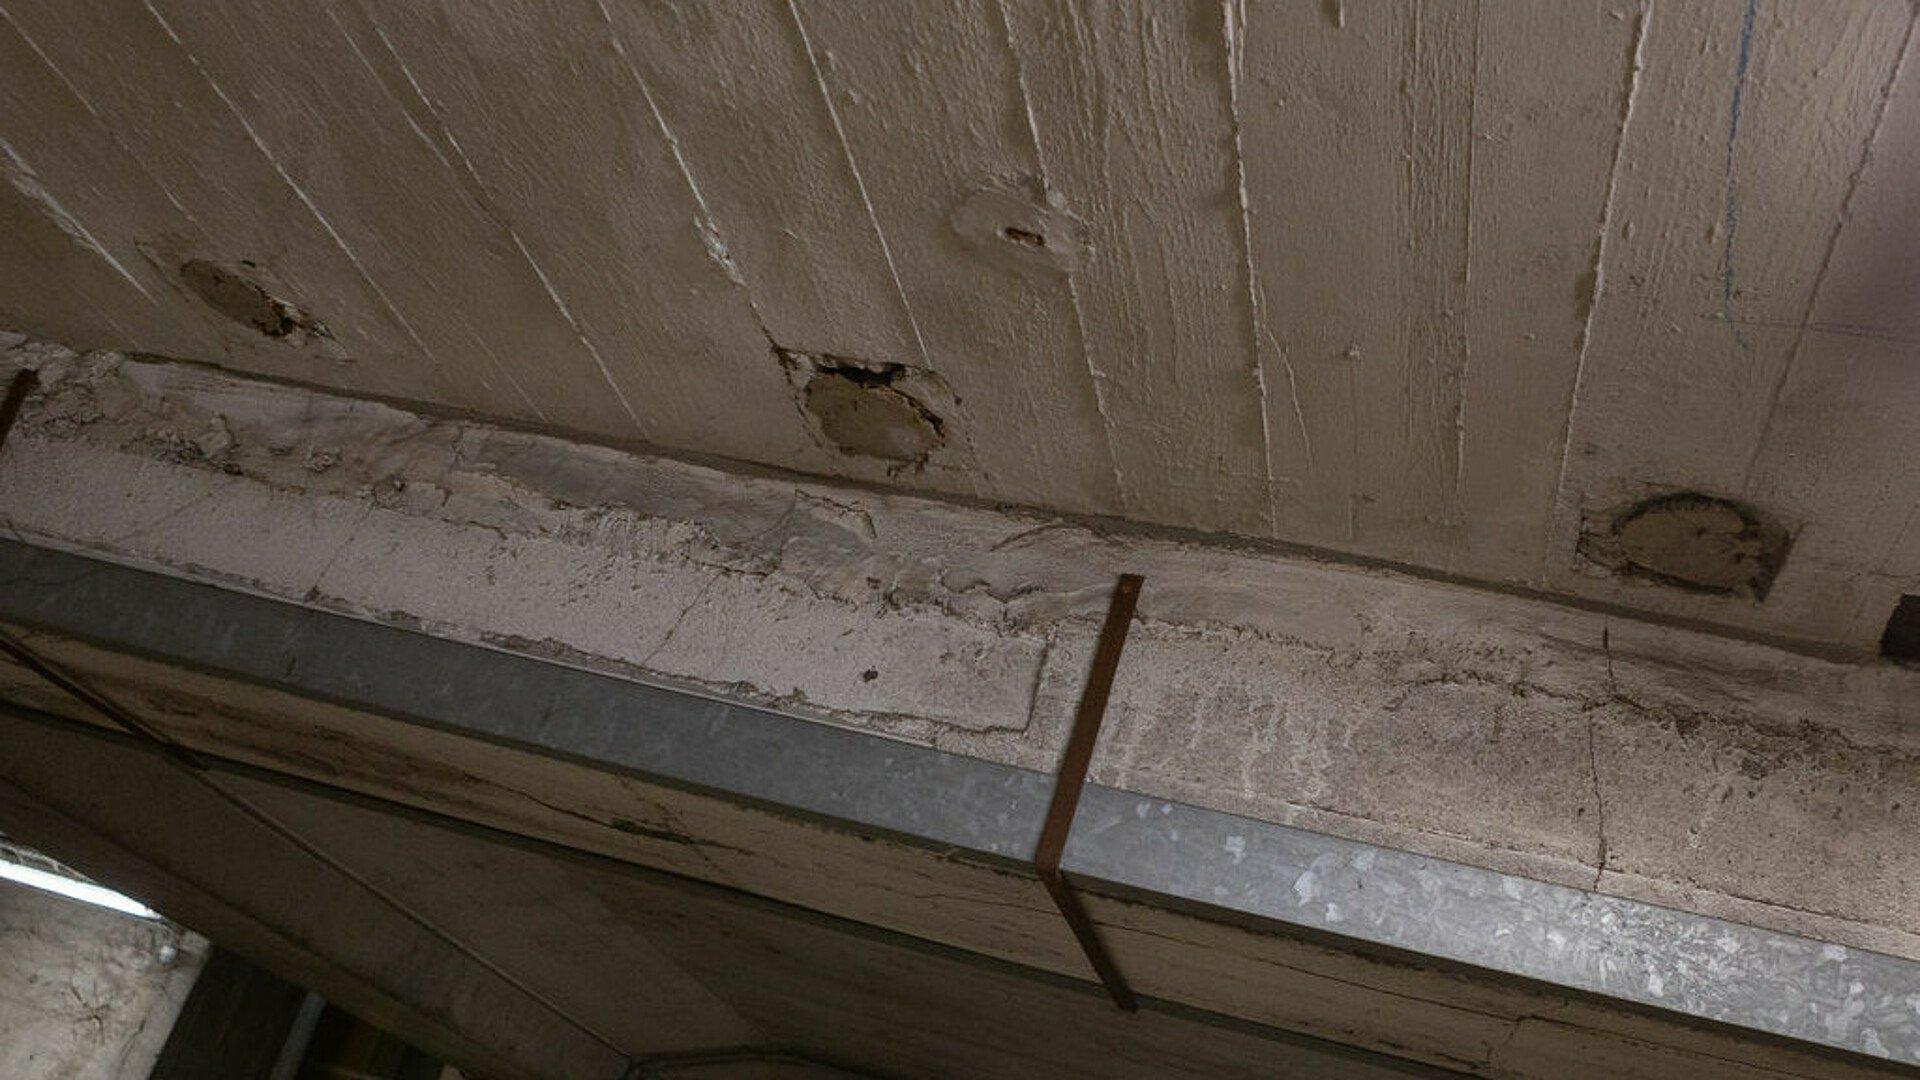 Drei mit Gips verschlossene Abwasserrohre im Riphahn-Bunker in Köln